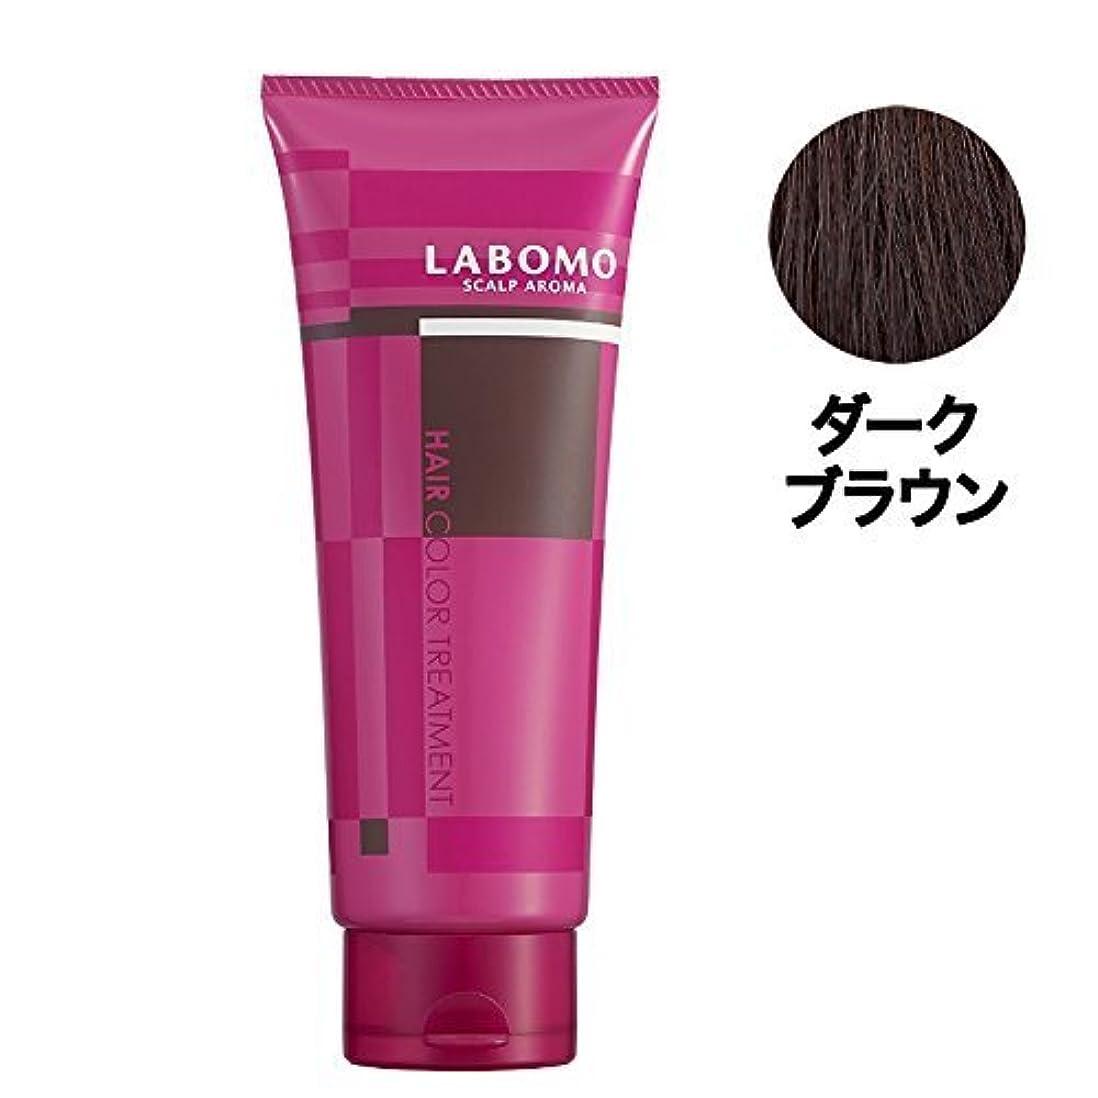 適合する単位測定LABOMO(ラボモ)カラートリートメント (ダークブラウン)